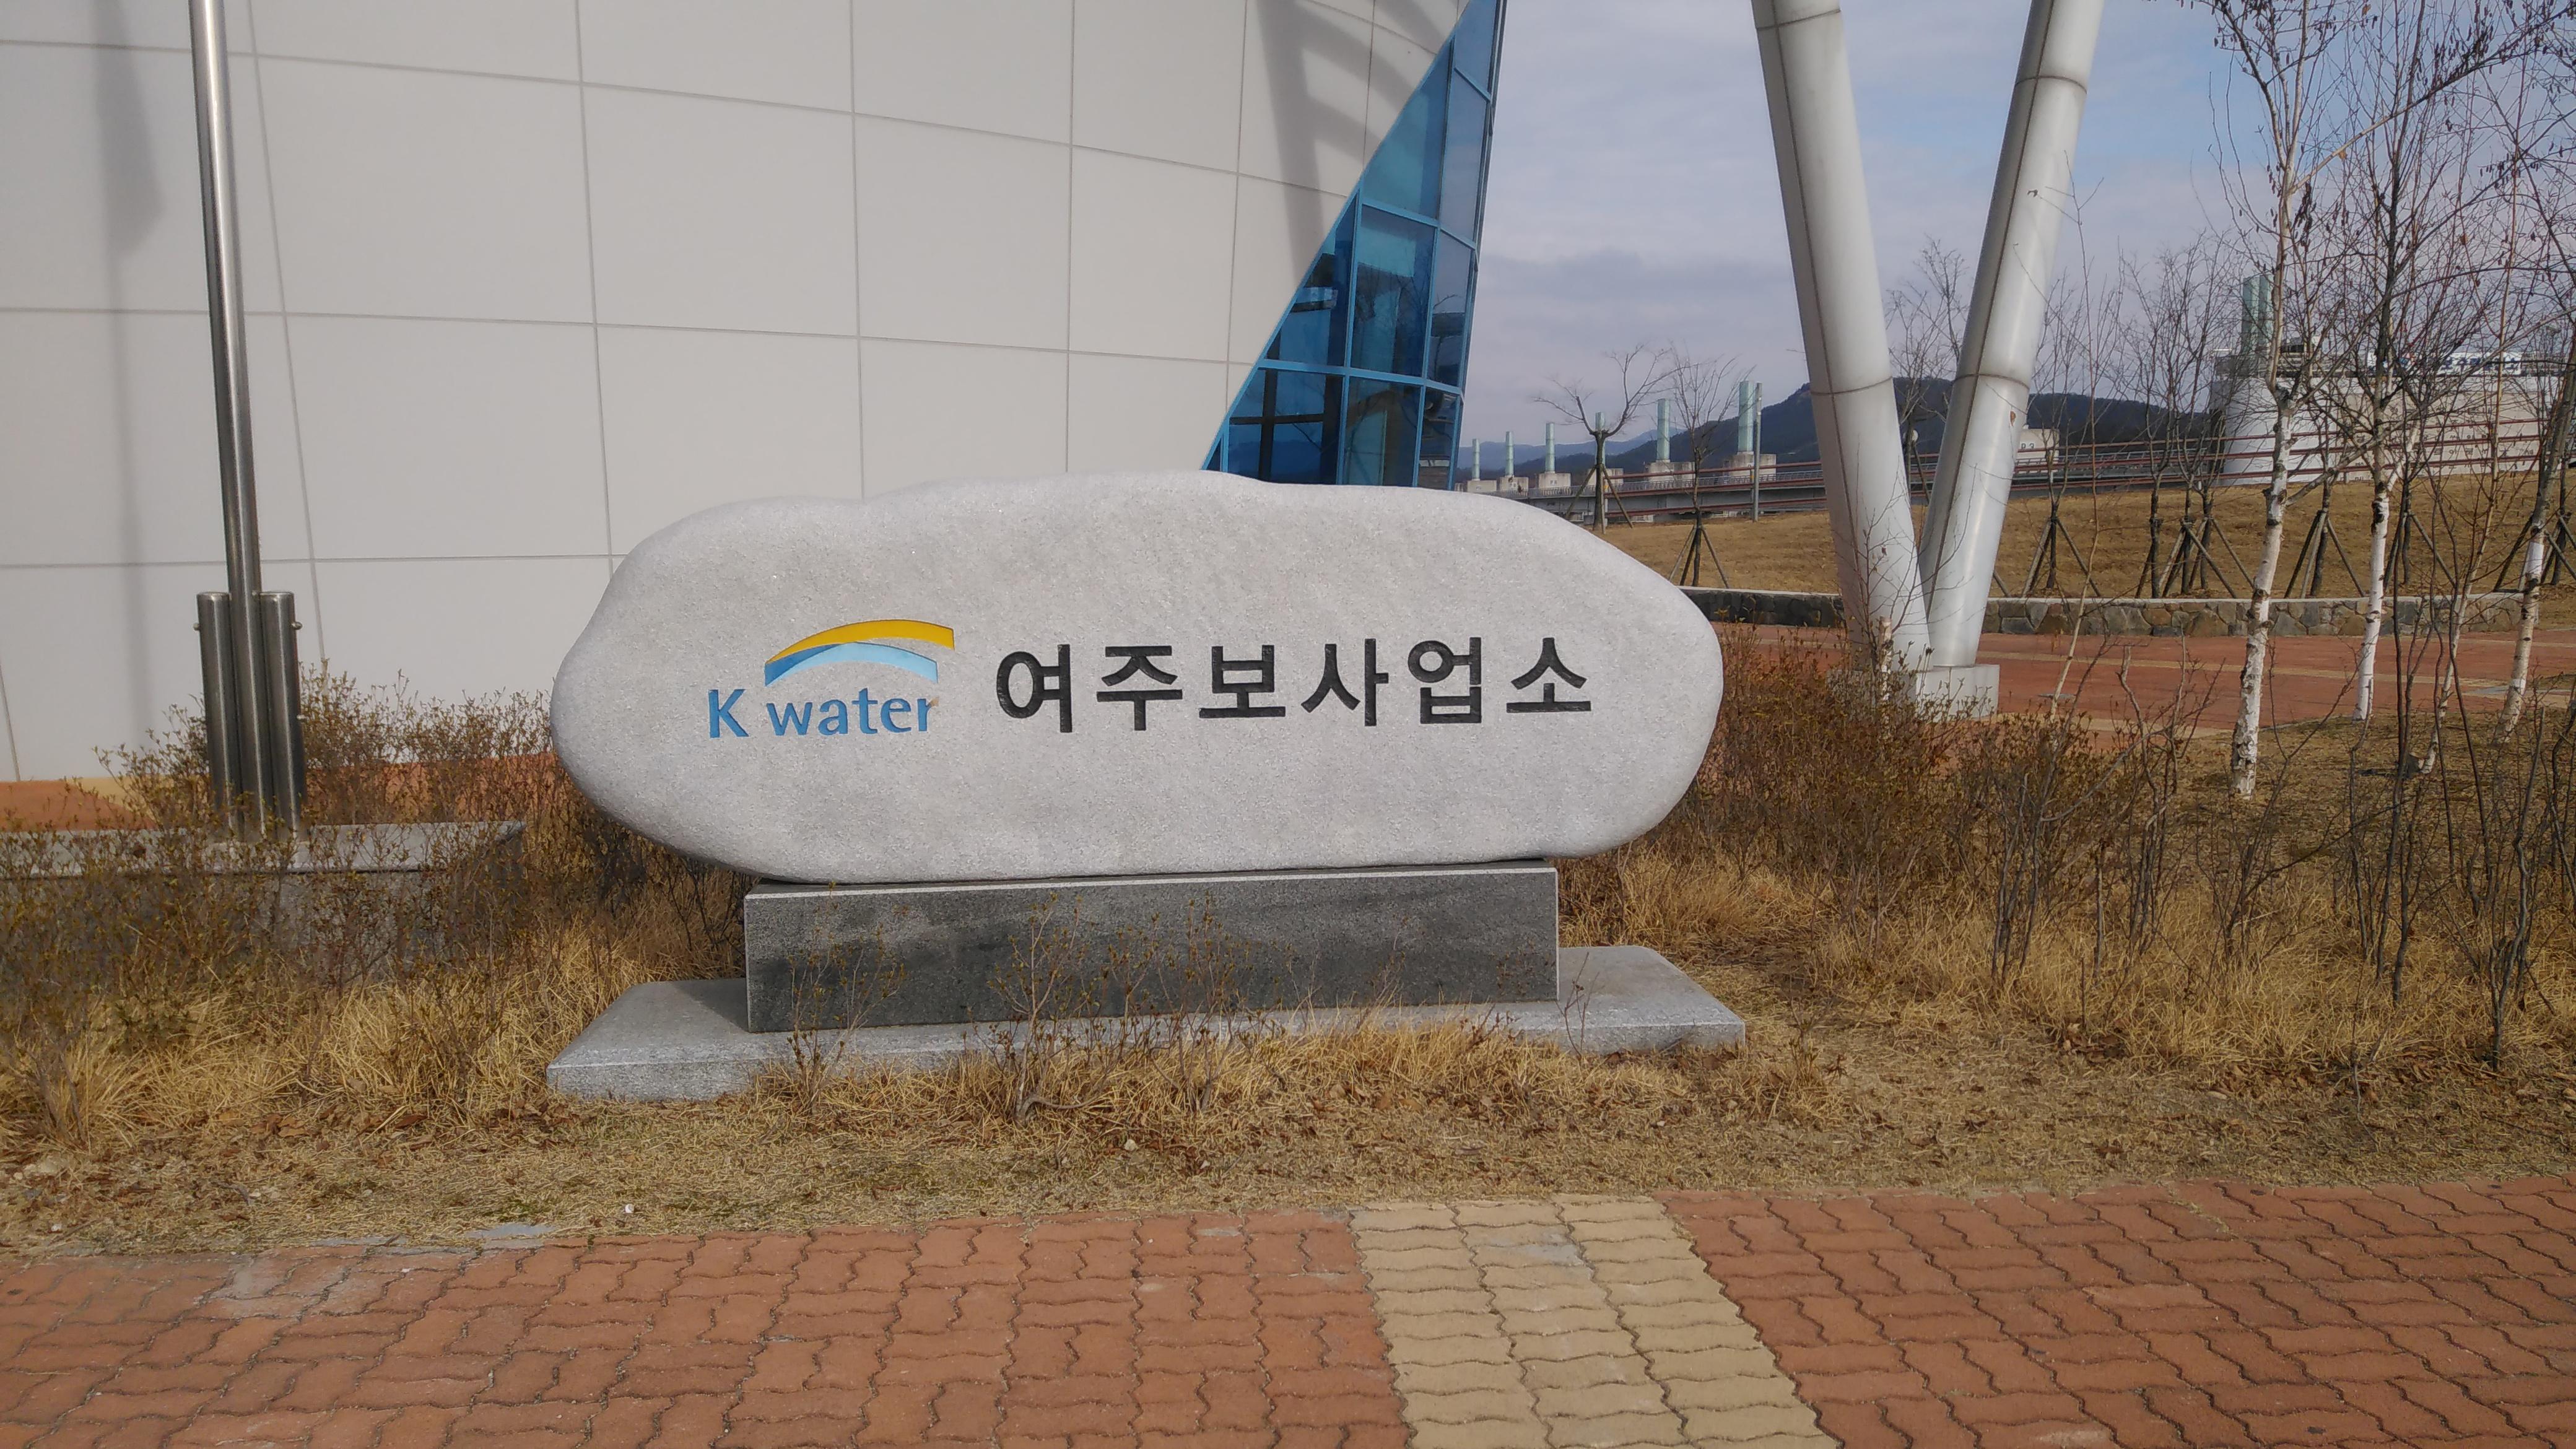 K-water 여주보 사업소라고 씌여진 돌